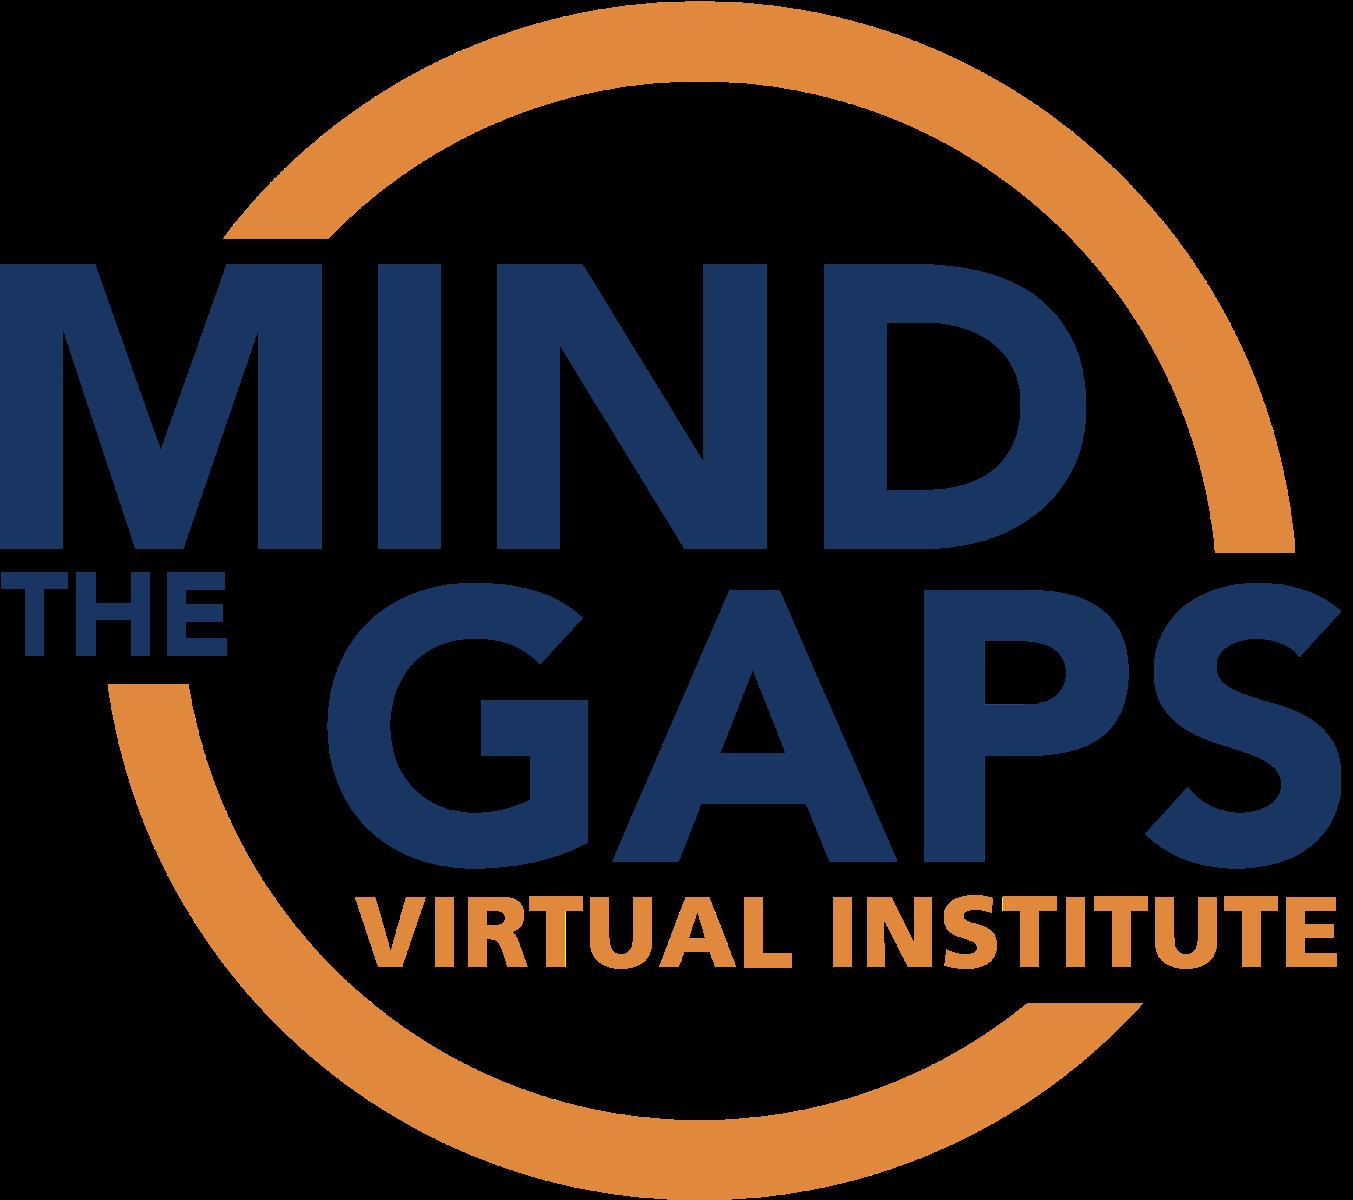 Mind the Gaps Virtual Institute